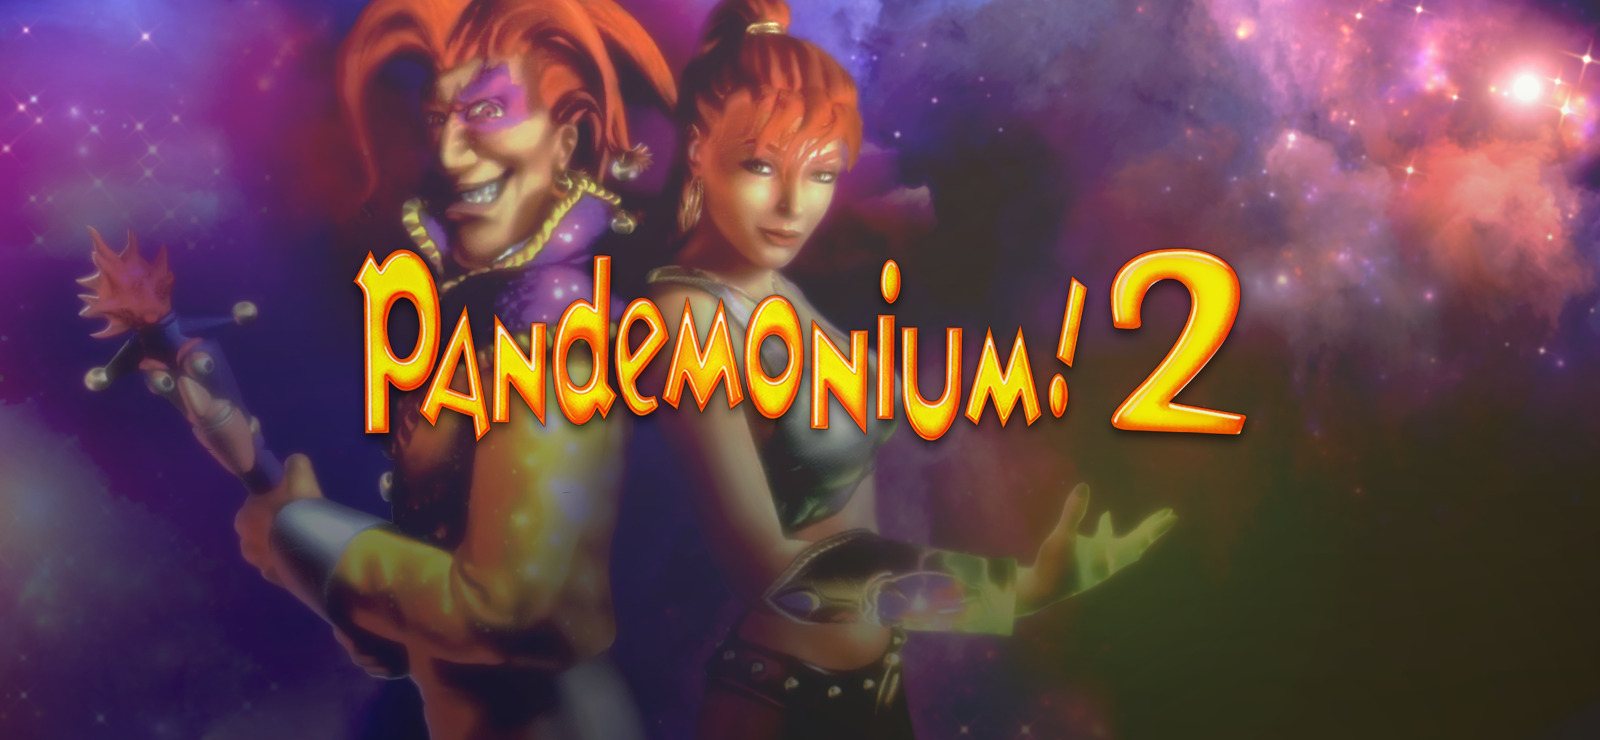 نتیجه تصویری برای Pandemonium 2